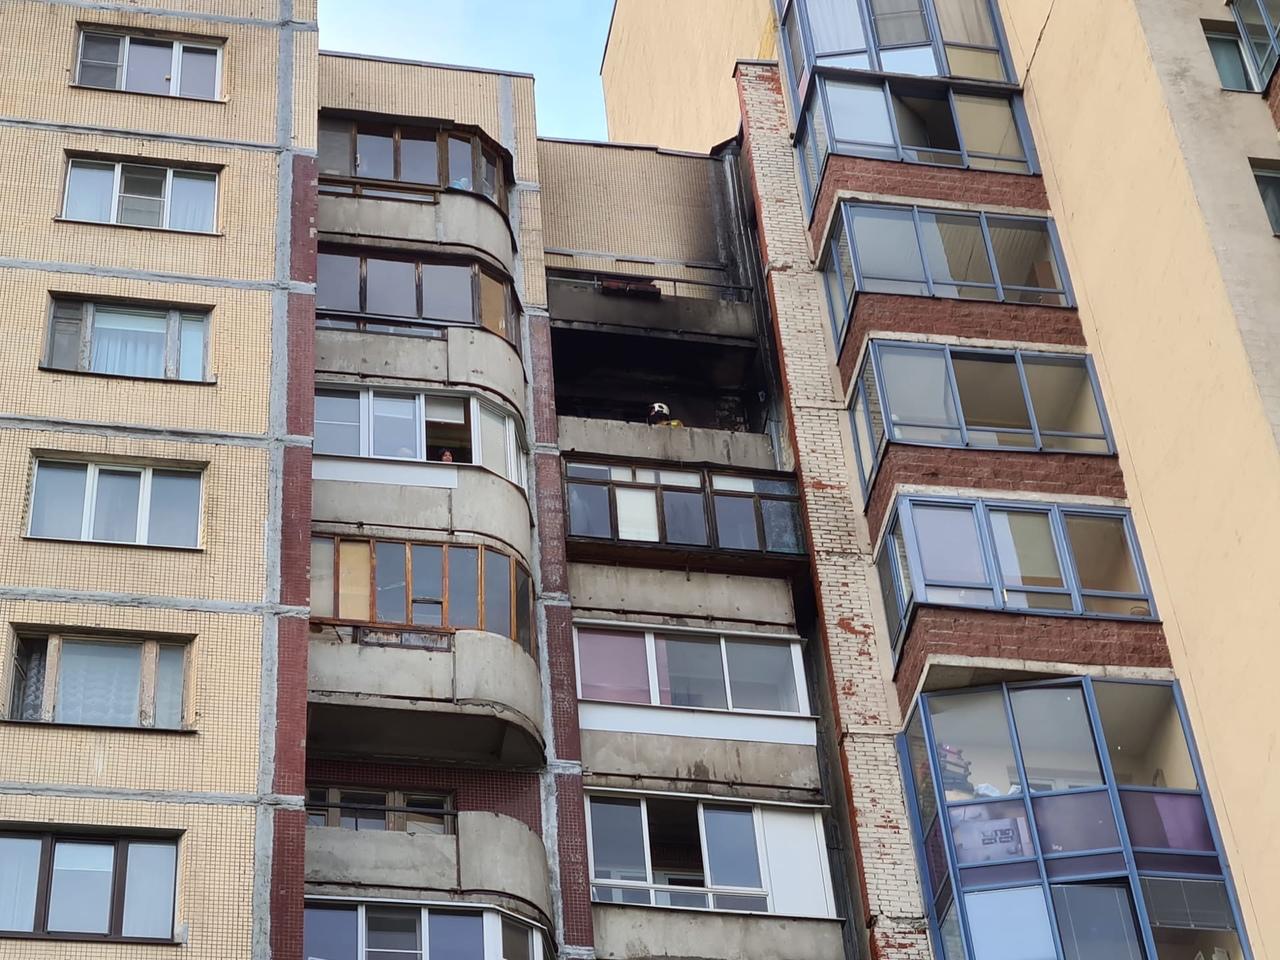 15 мая в 19:16 на телефон МЧС поступило сообщение о пожаре по адресу: ул. Латышских Стрелков, д. 3 ...